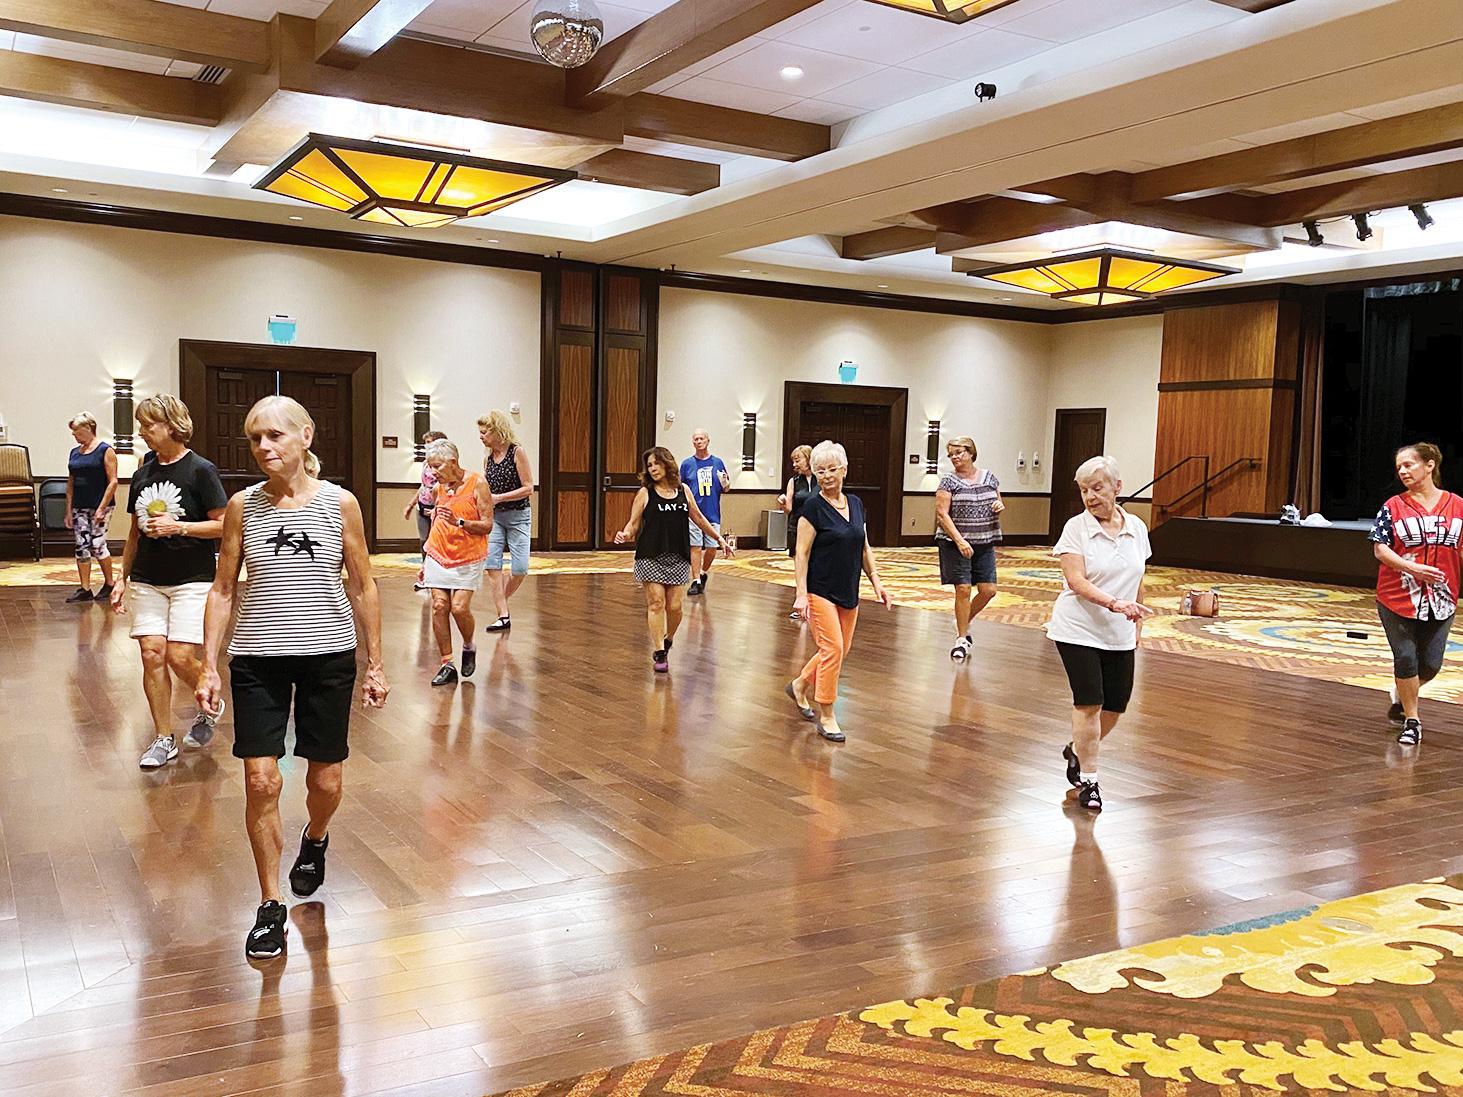 Improver line dancers